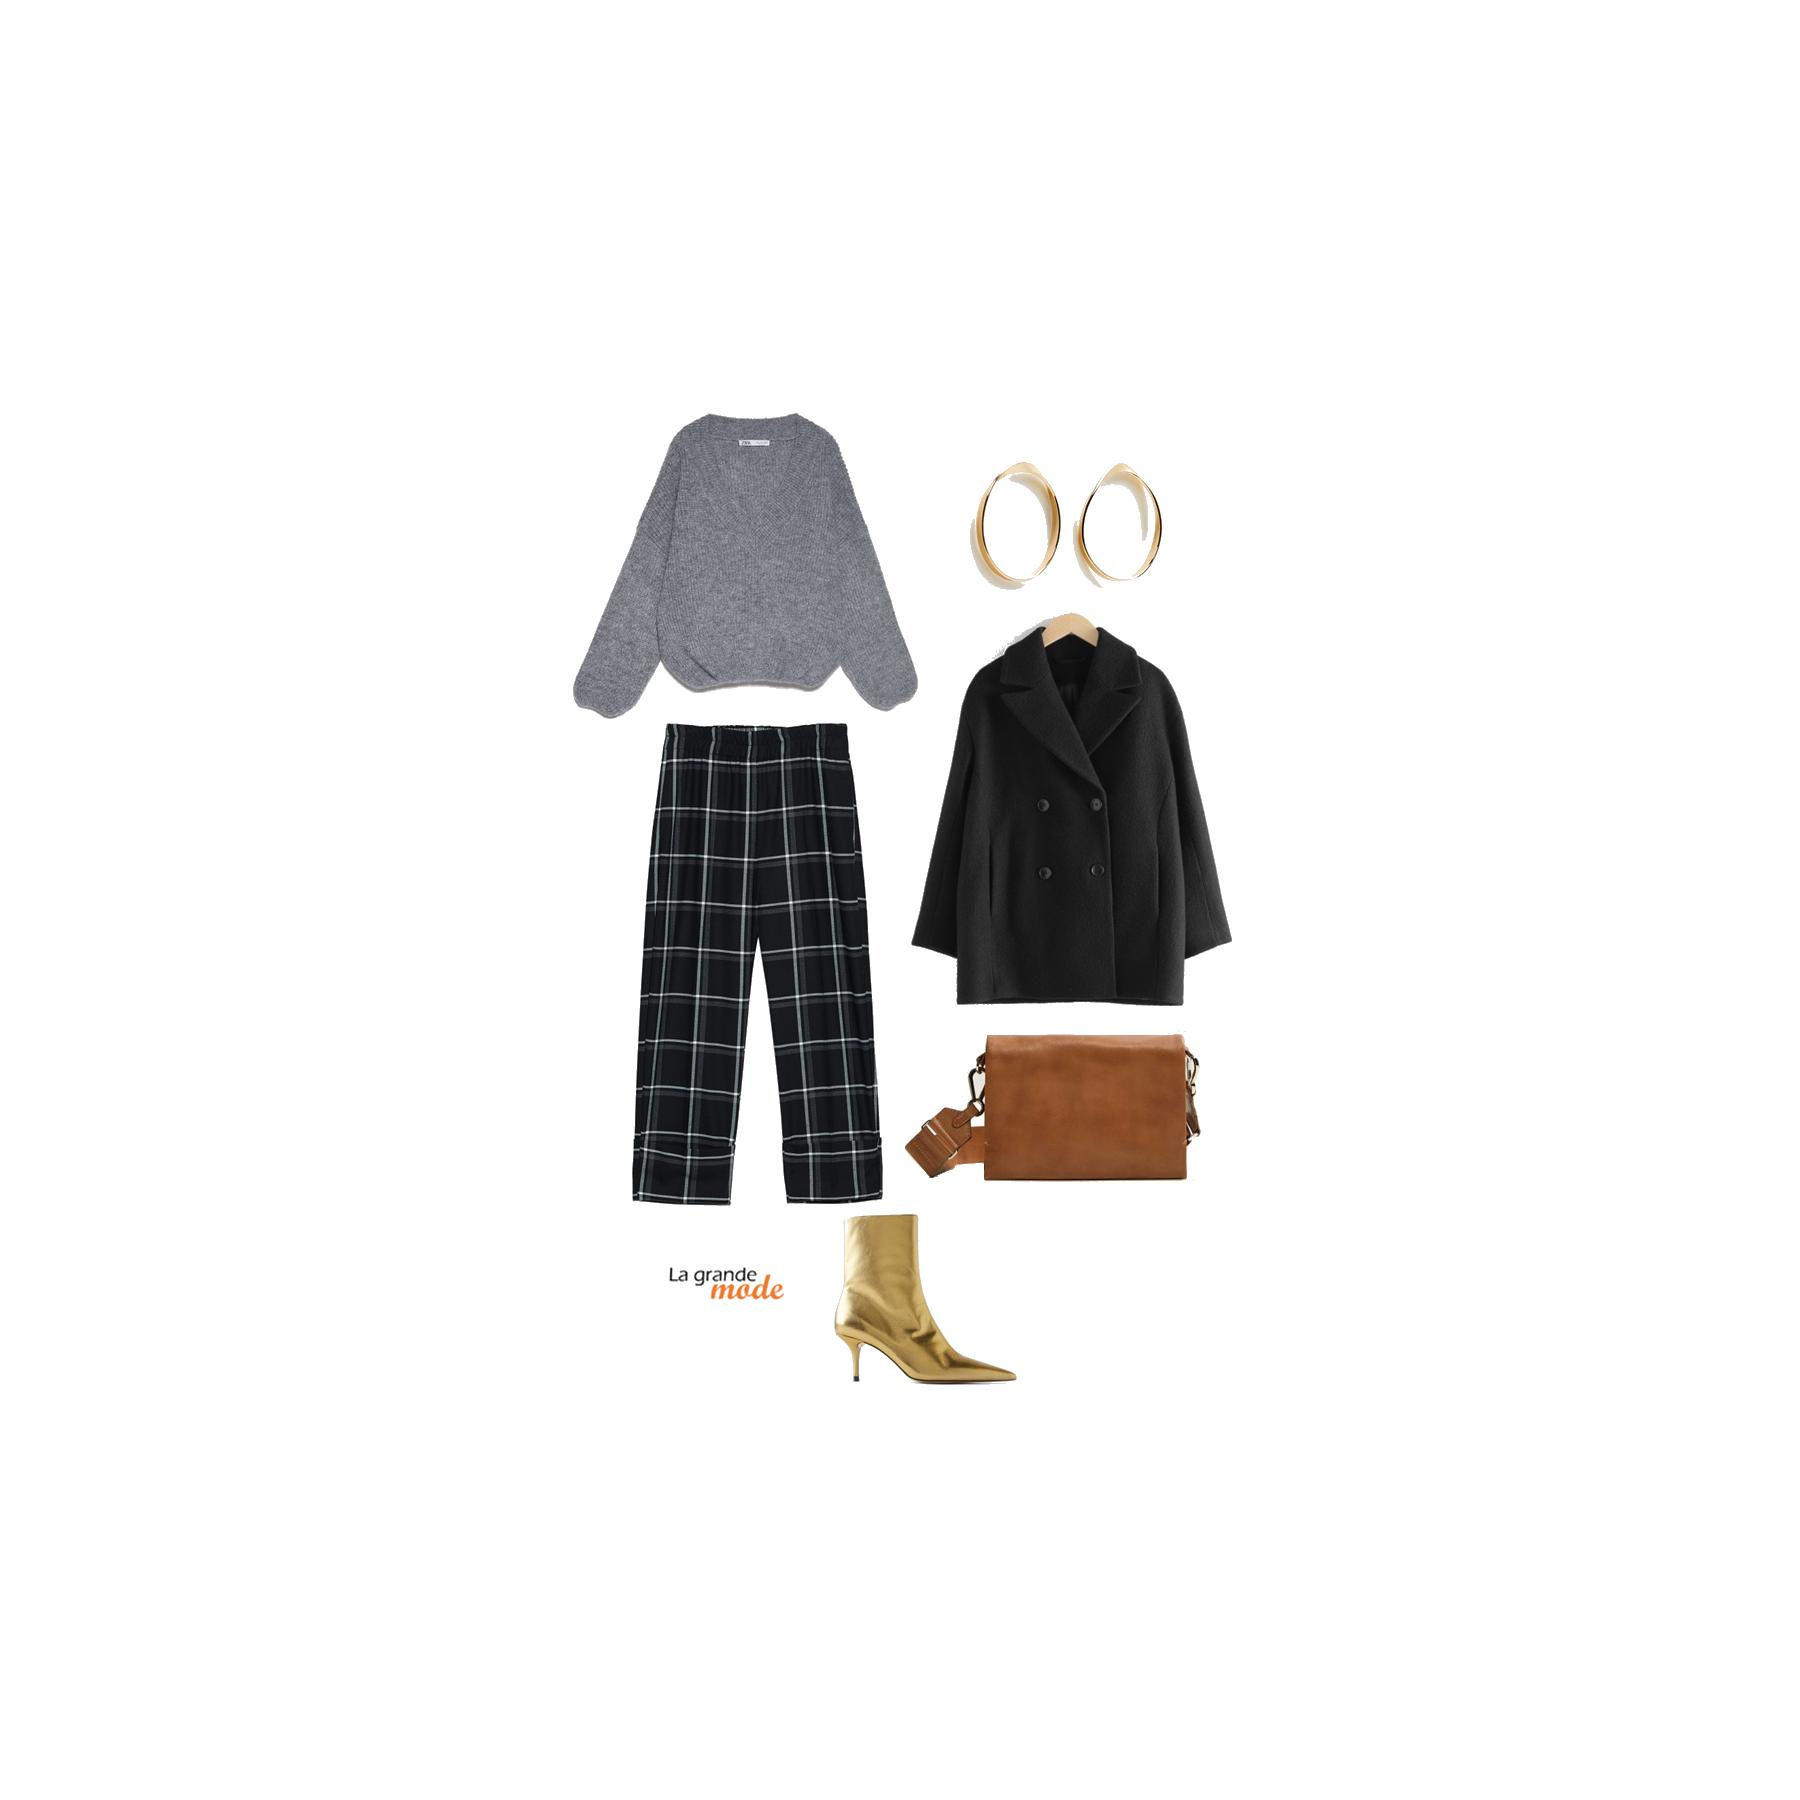 La Grande Mode - Idée look avec un pantalon à carreaux et des bottines dorées - Tendance mode automne hiver 2019